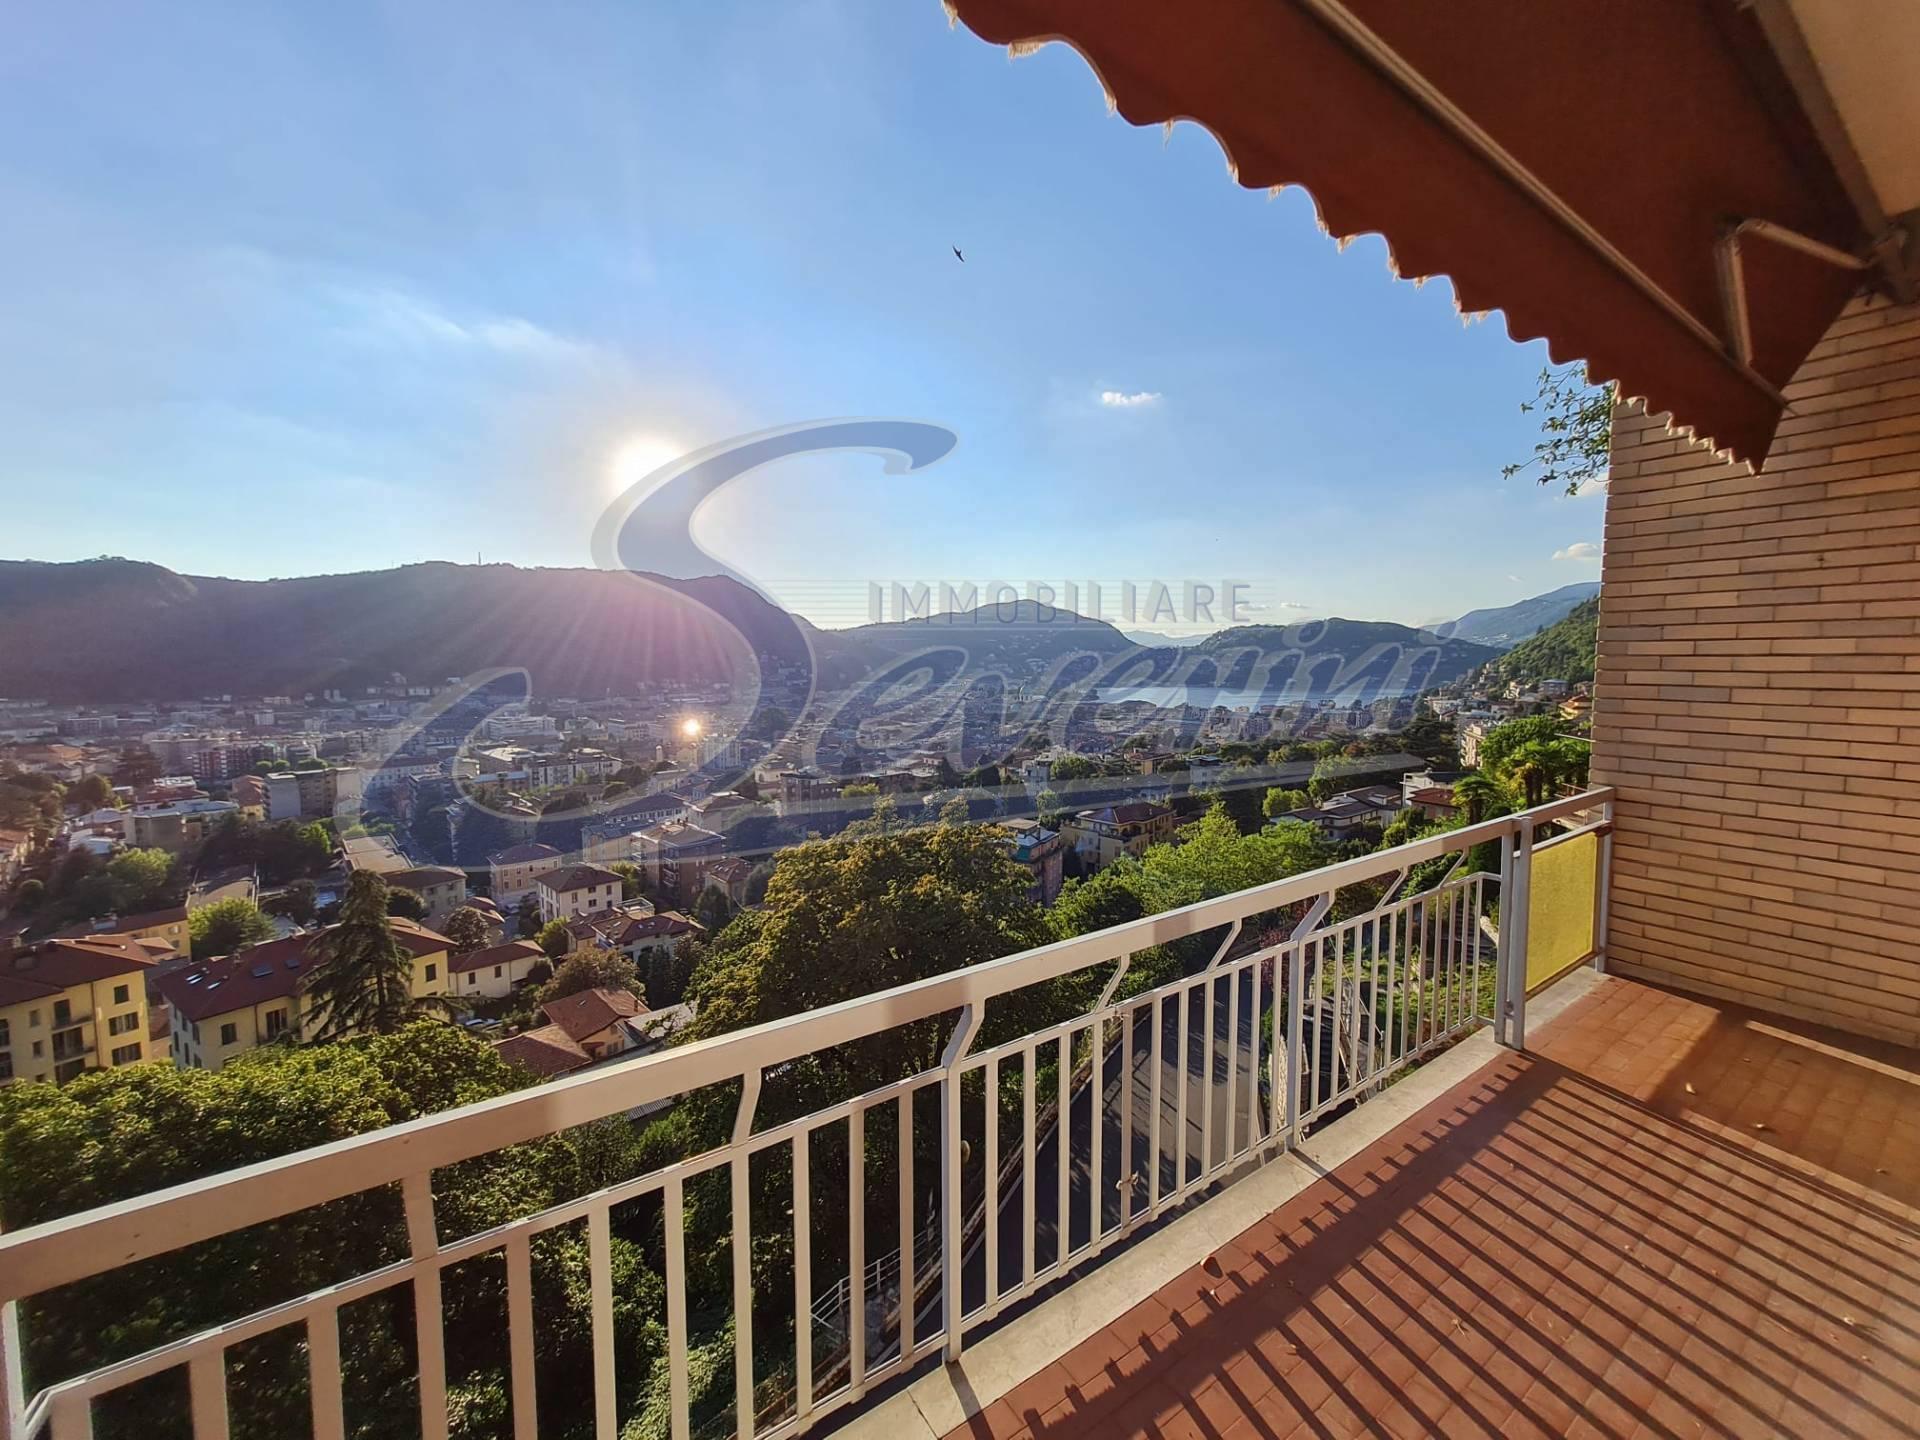 Appartamento in vendita a Como, 4 locali, prezzo € 365.000 | PortaleAgenzieImmobiliari.it